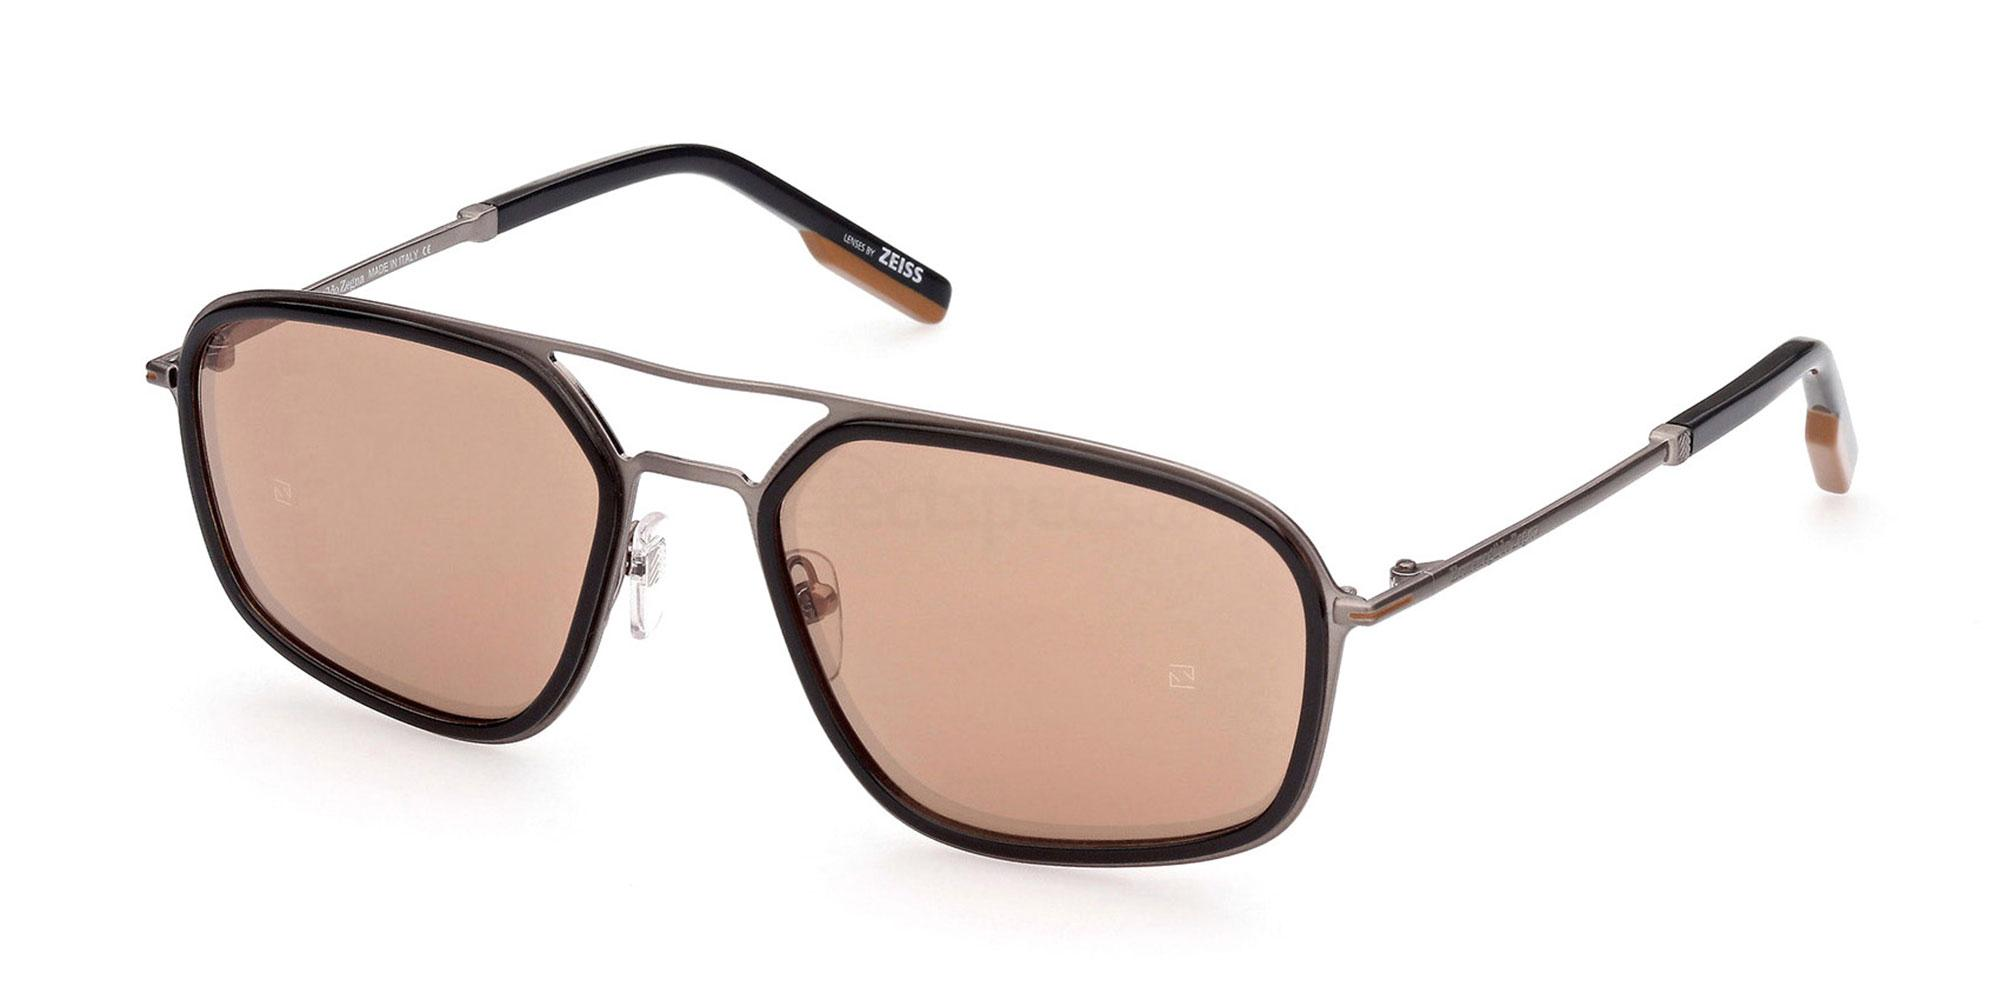 12G EZ0163 Sunglasses, Ermenegildo Zegna